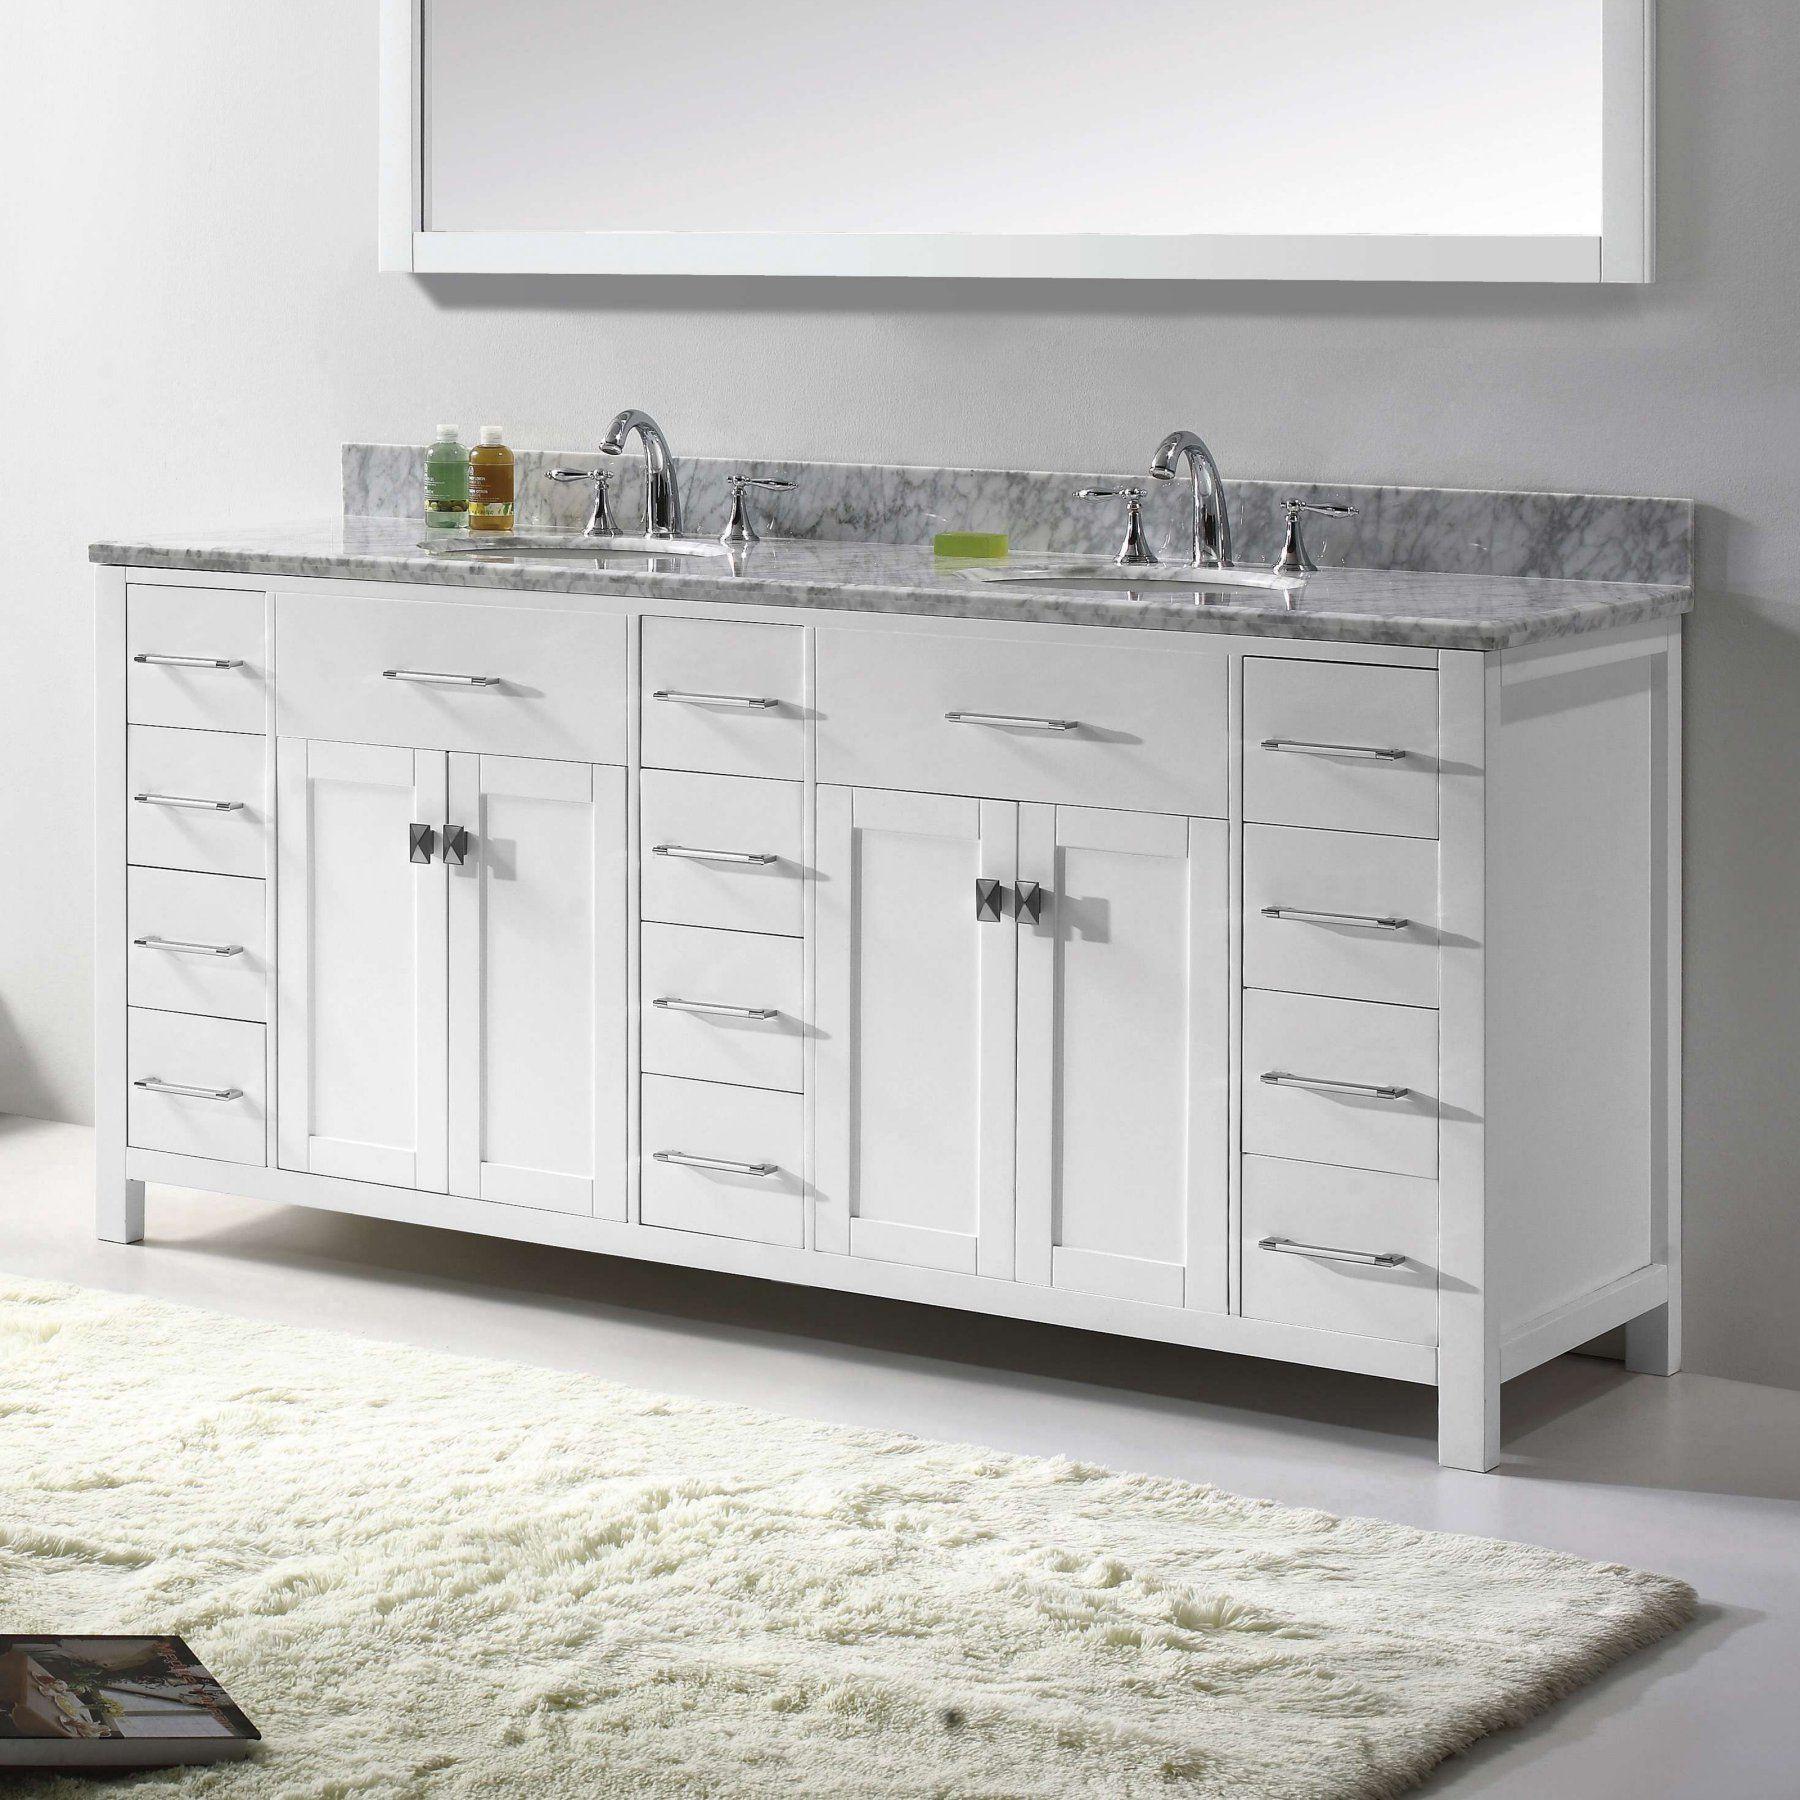 Virtu Usa Caroline Parkway 72 In Double Bathroom Vanity With